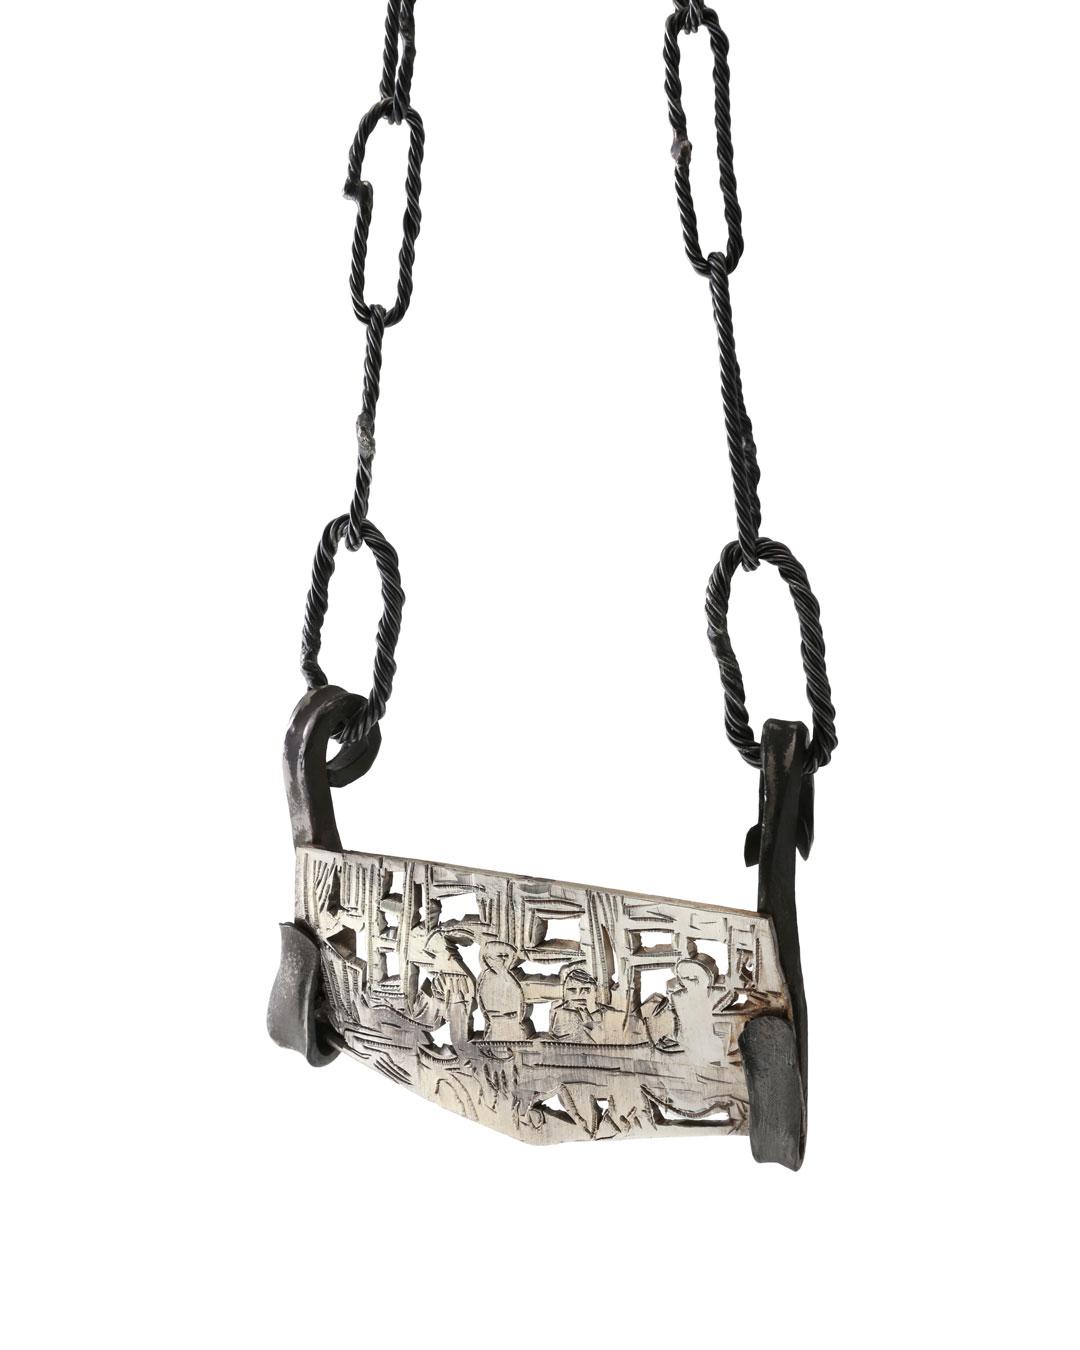 Rudolf Kocéa, Macrons Schreibtisch (Macron's Desk), 2018, necklace; silver, copper, titanium, 110 x 80 x 20 mm, €3250